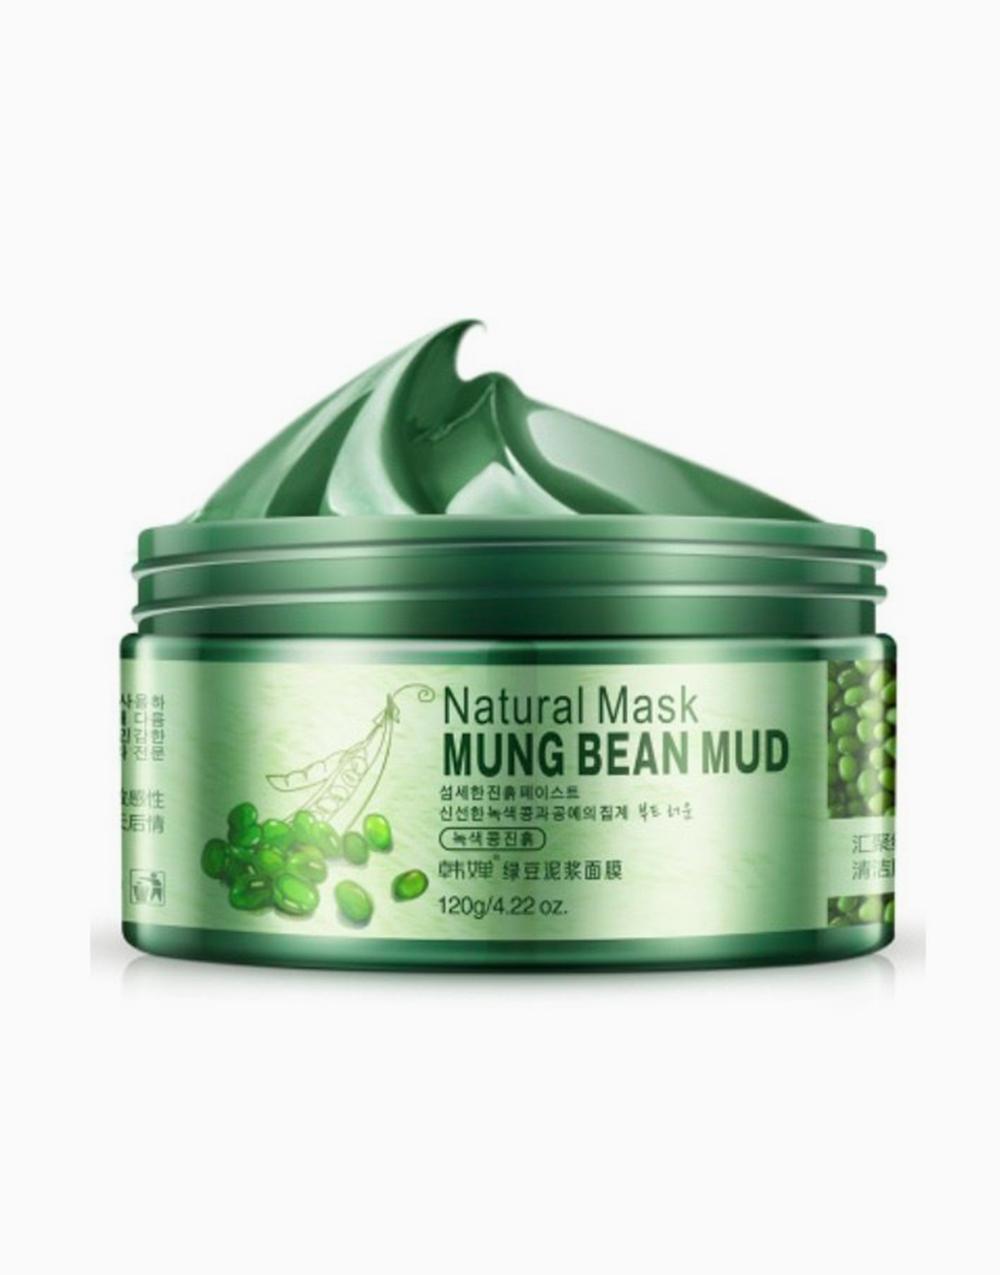 Natural Mask Mung Bean Mud by Rorec